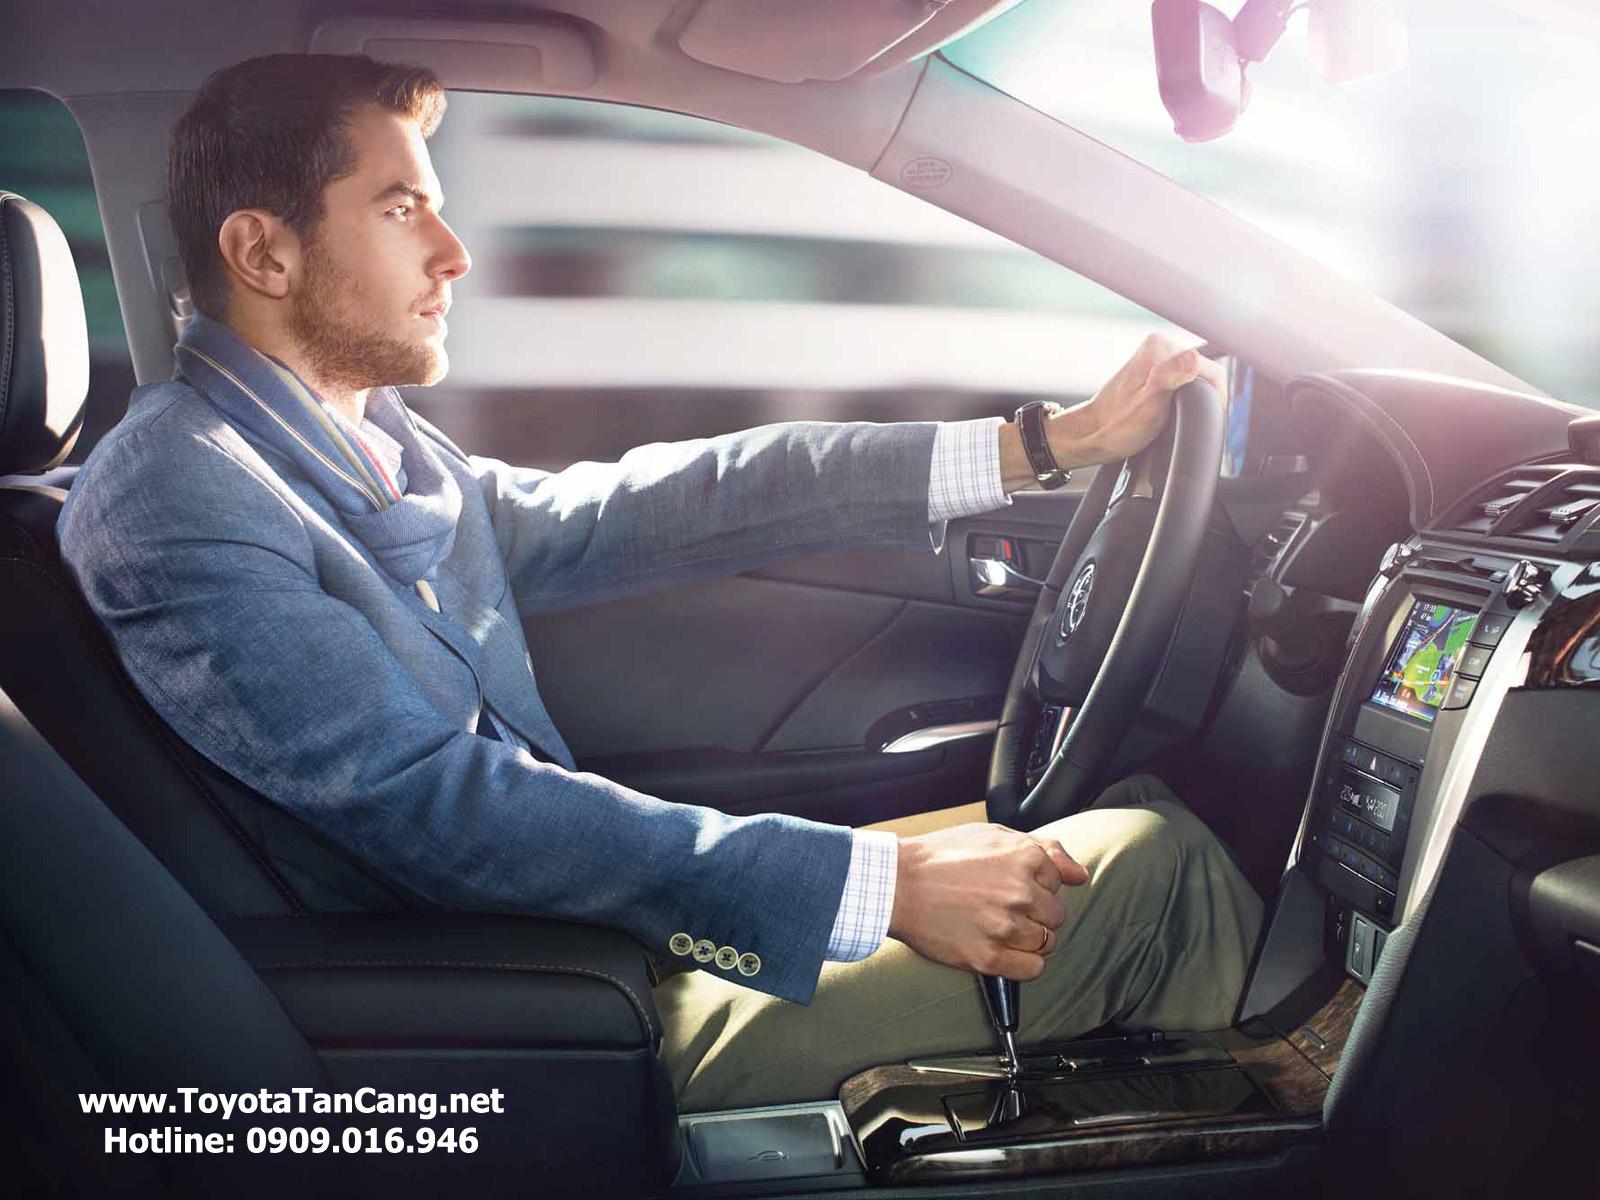 Camry 2015 cho cảm giác lái rất tốt so với các xe cùng phân khúc